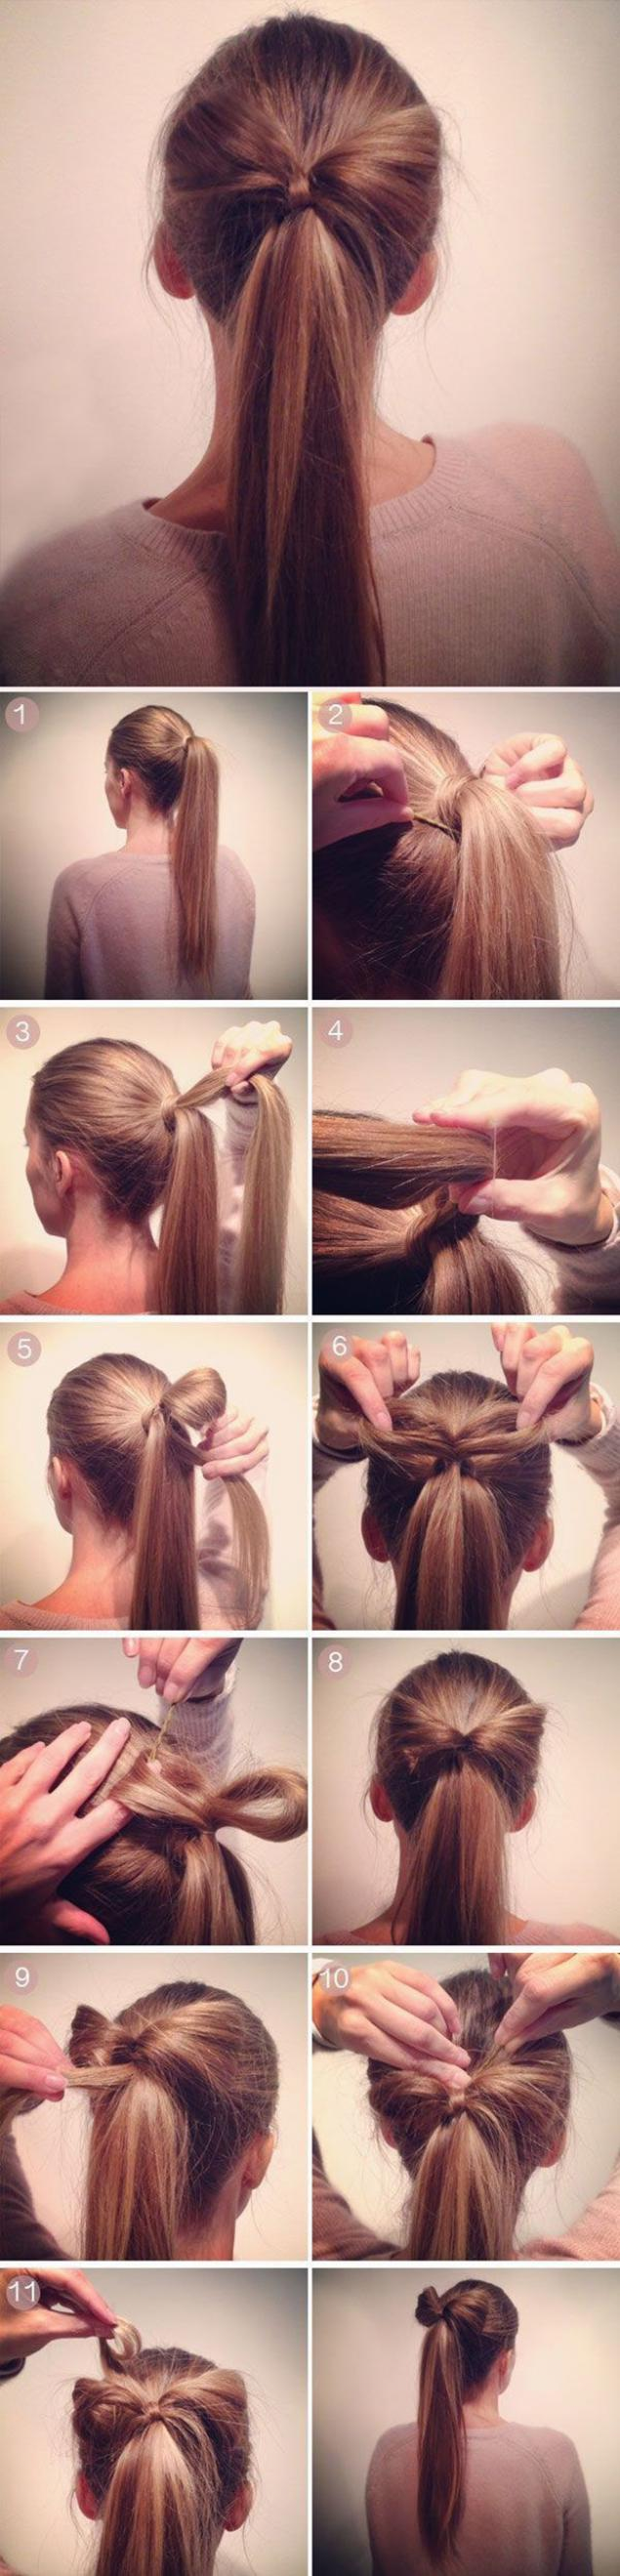 Бант из волос на хвостике